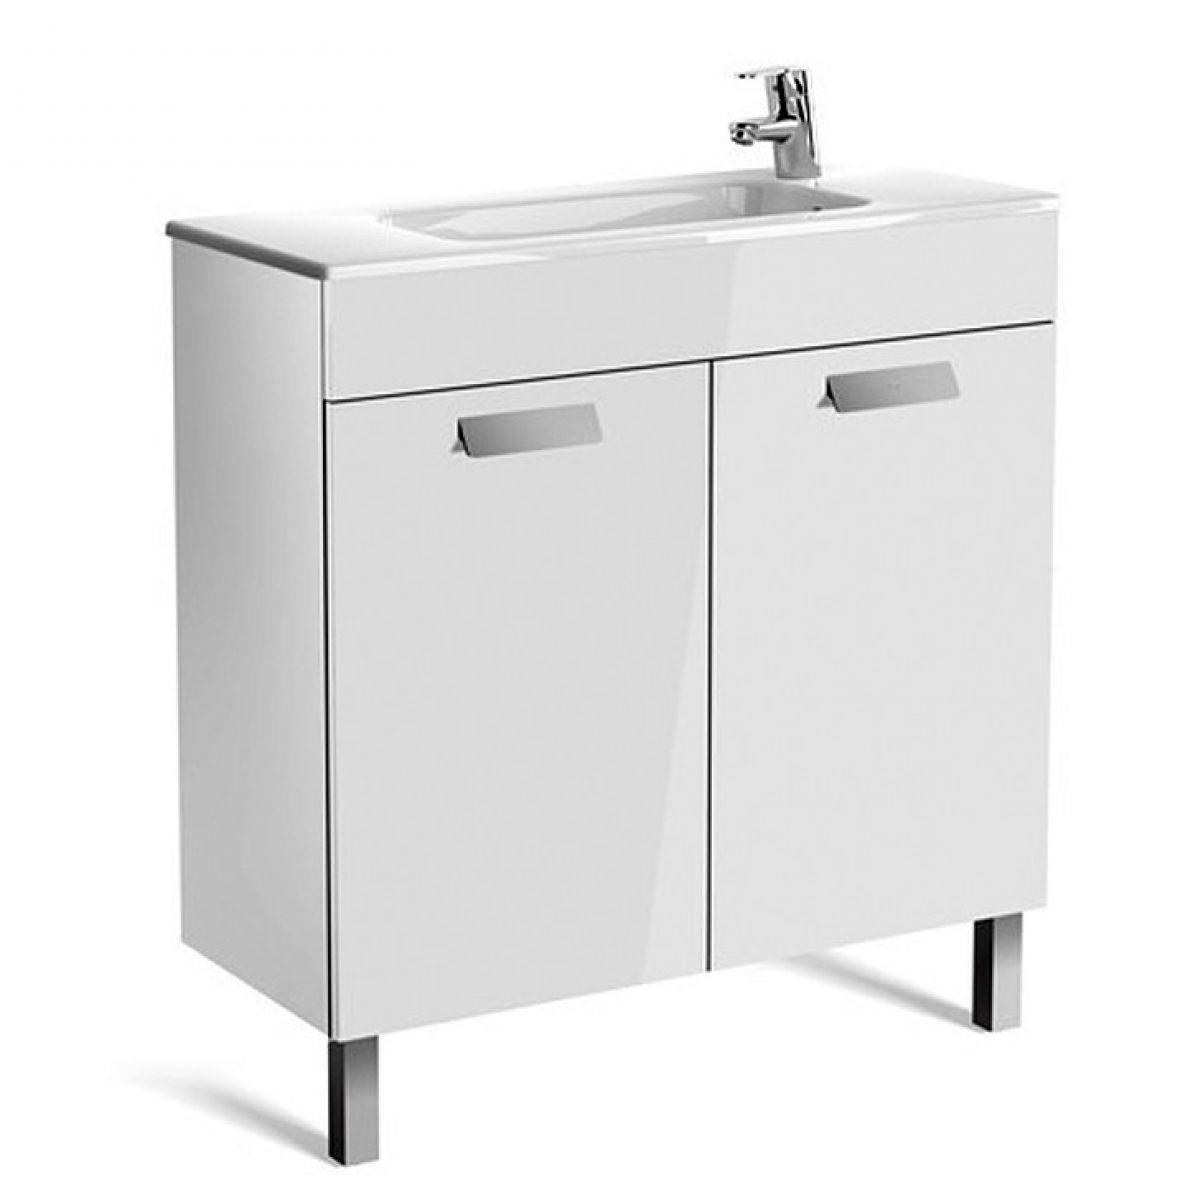 Roca debba compact 2 door vanity unit with basin uk for Roca bathroom furniture